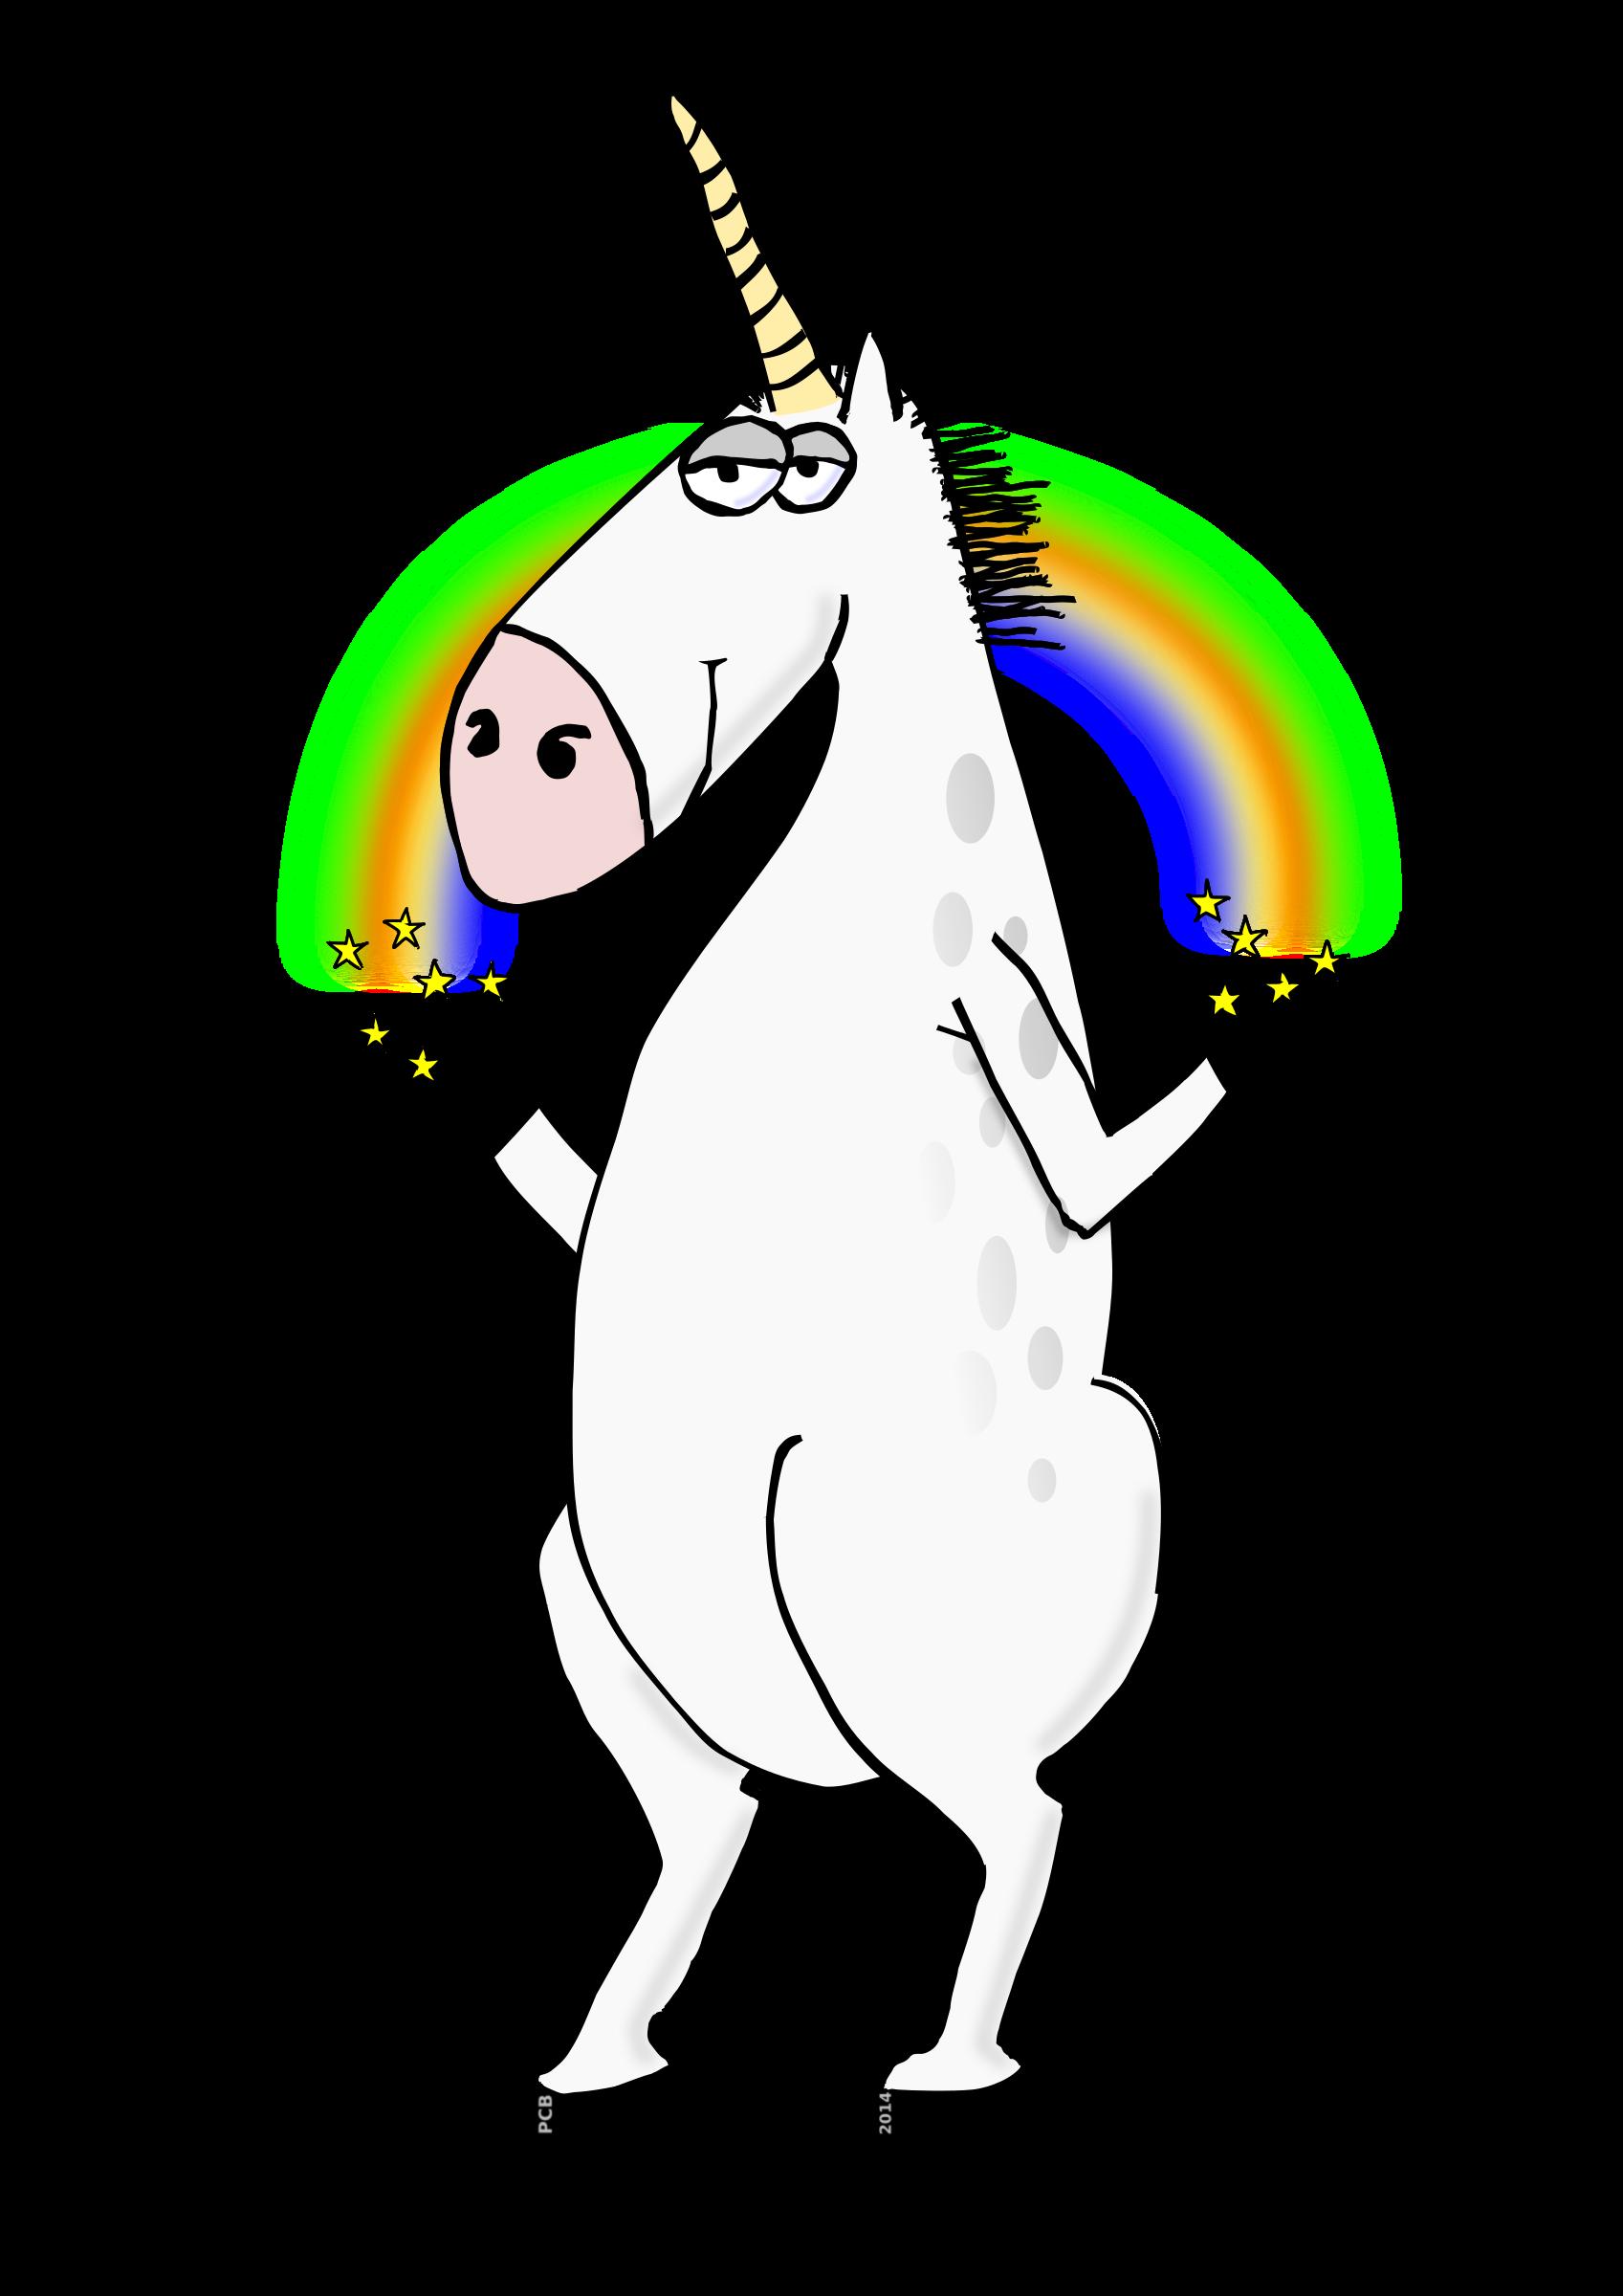 Unicorn Pajama Party